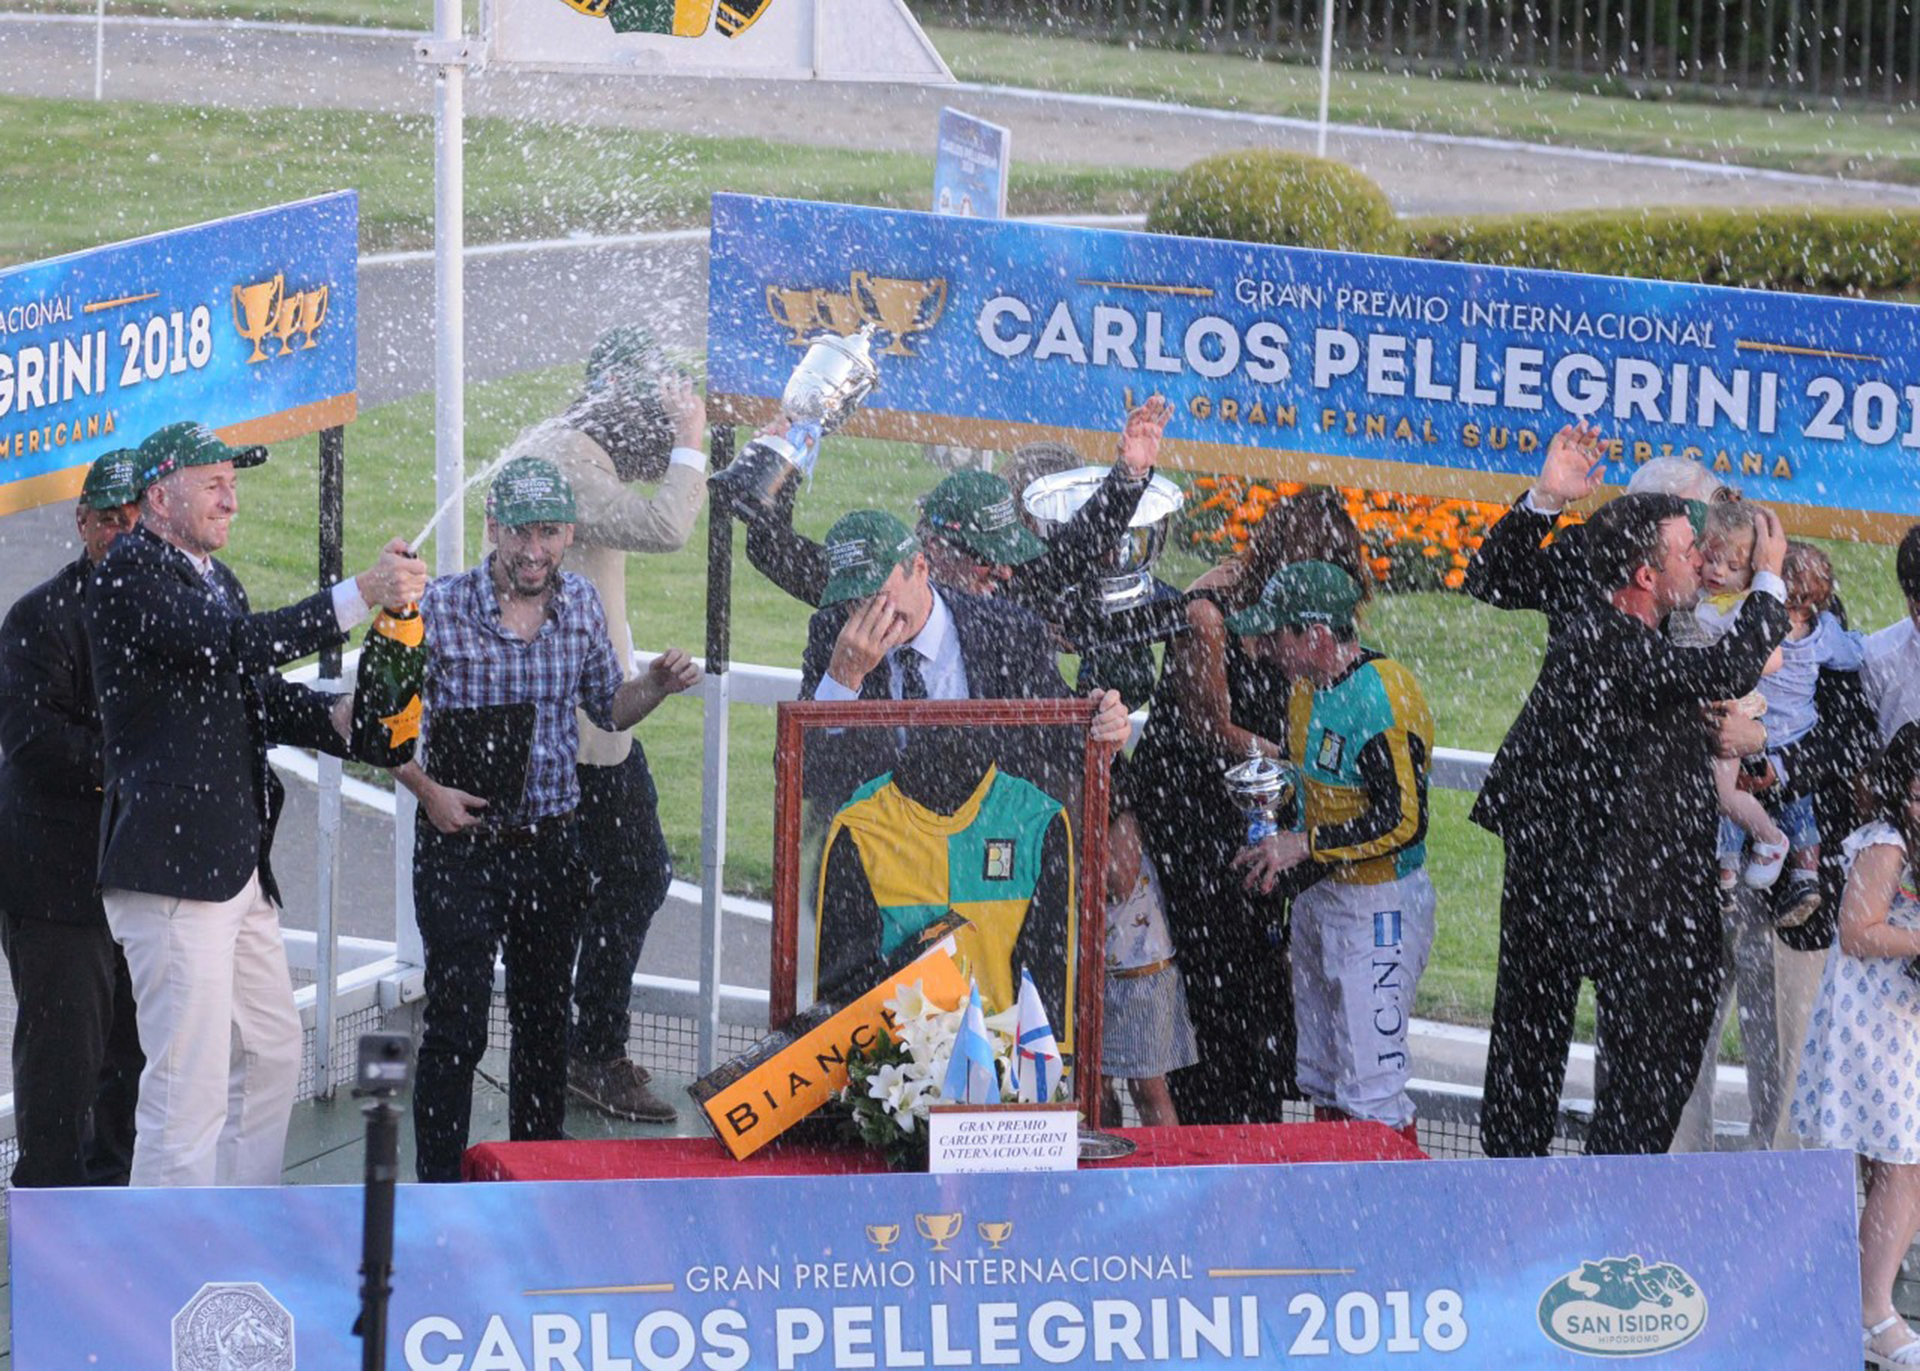 Los ganadores de la tarde del Gran Premio Internacional Carlos Pellegrini 2018. El potrillo Il Mercato fue el ganador de la jornada con su jockey Juan Carlos Noriega. Entrenadores y dueños del caballo festejaron junto a todos los presentes